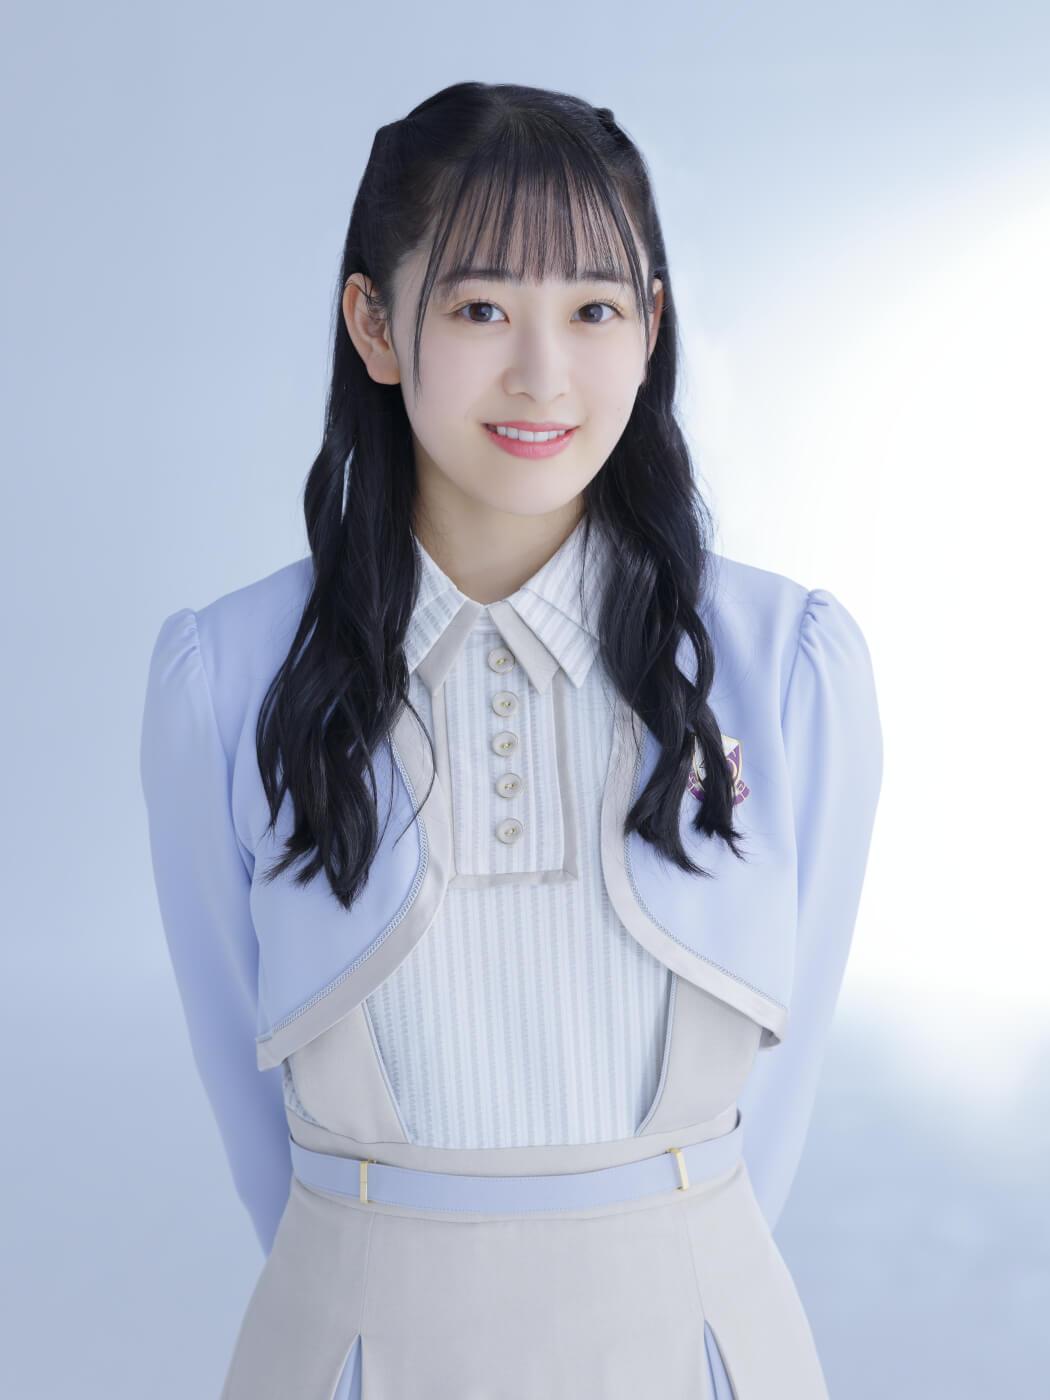 3月21日(日)よる6時から3期生・向井葉月が登場!